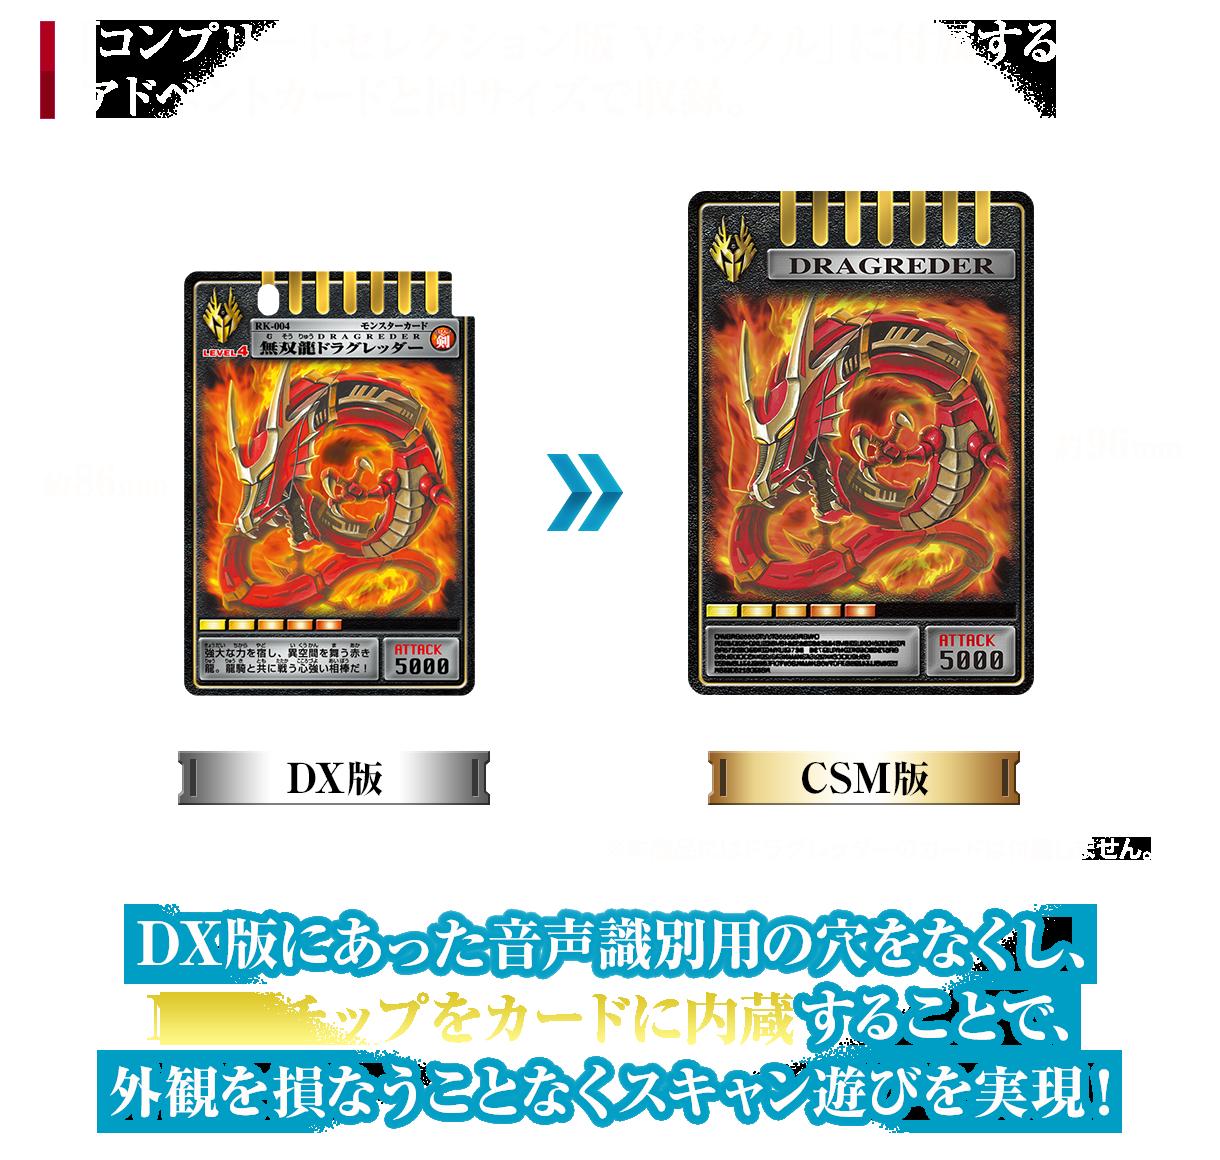 「コンプリートセレクション版 Vバックル」に付属するアドベントカードと同サイズで収録。